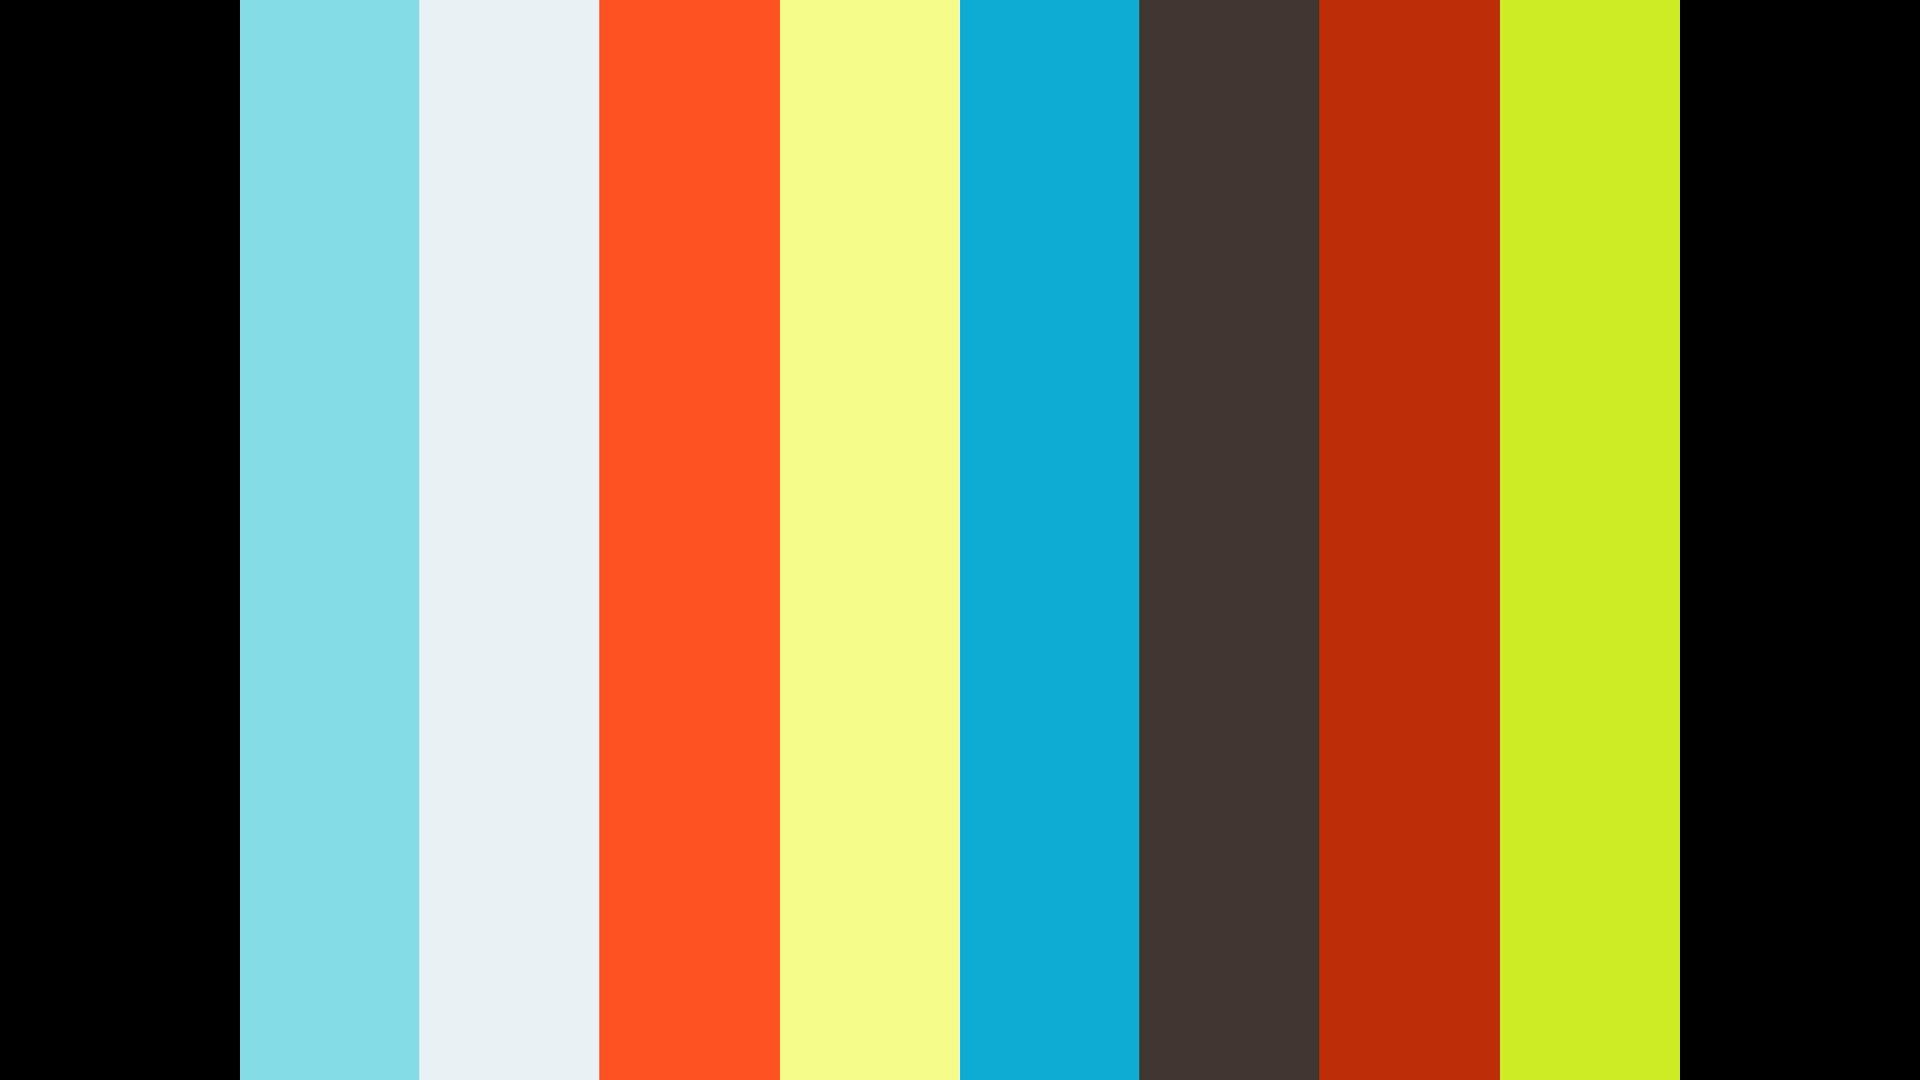 Música de fondo para presentaciones vídeos corporativos tutoriales | Videocontent Tu vídeo desde 350€ | 763675227 1920x1080?r=pad | videos-explicativos, videos-corporativos-videos, video, blogs